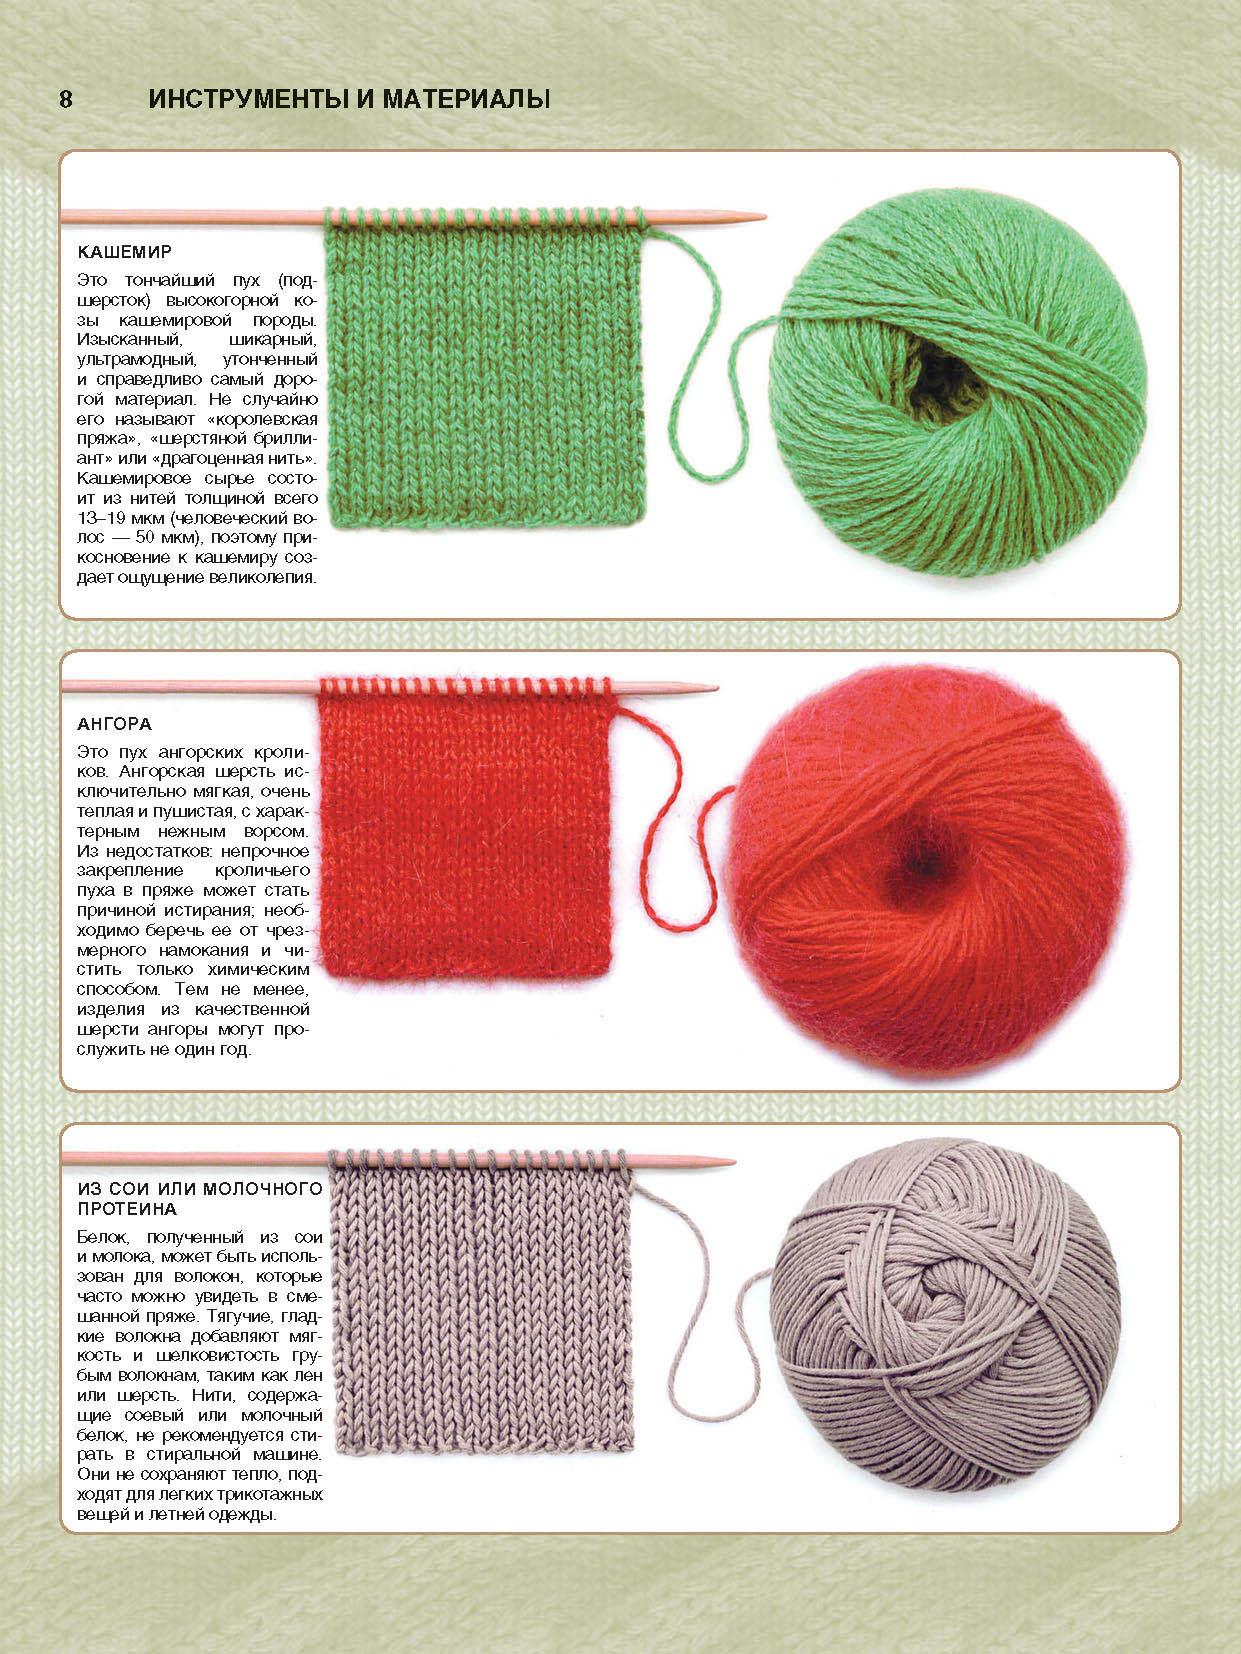 Названия ниток для вязания